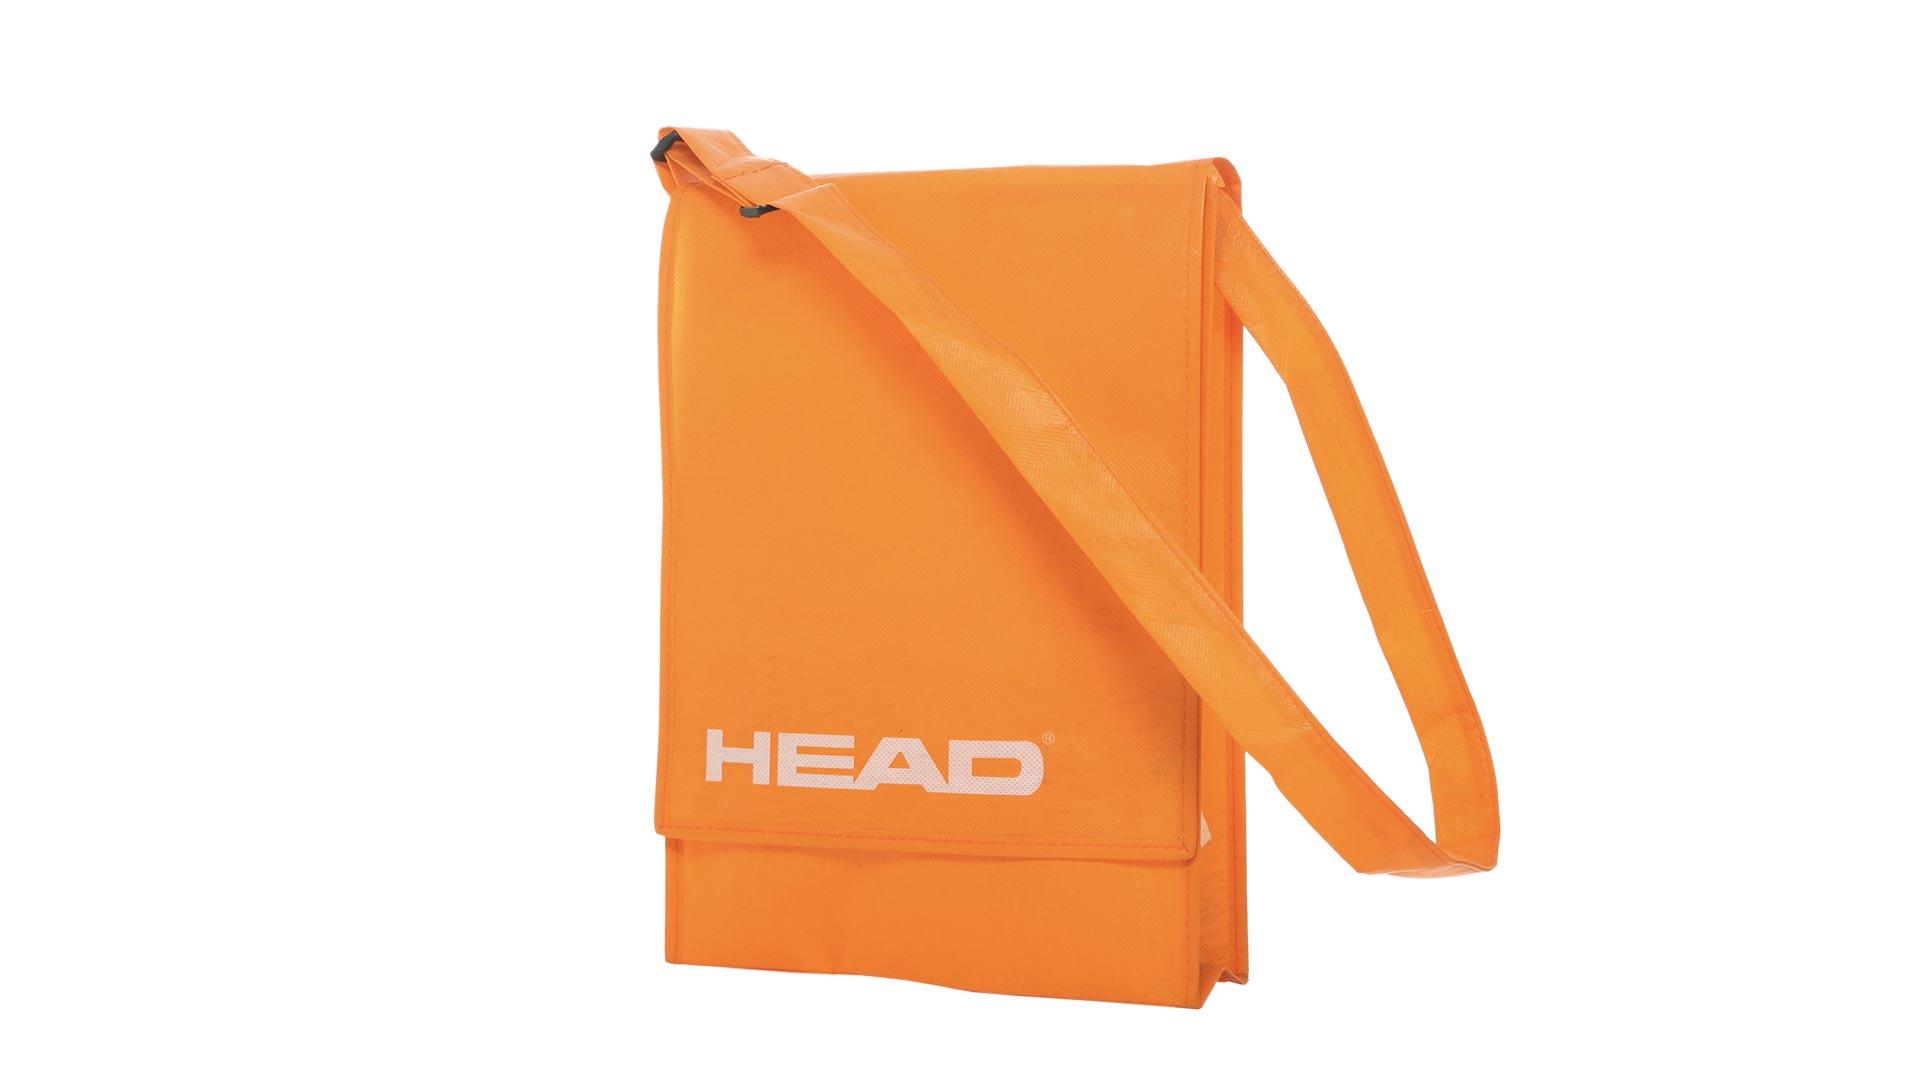 borsetta di colore arancione